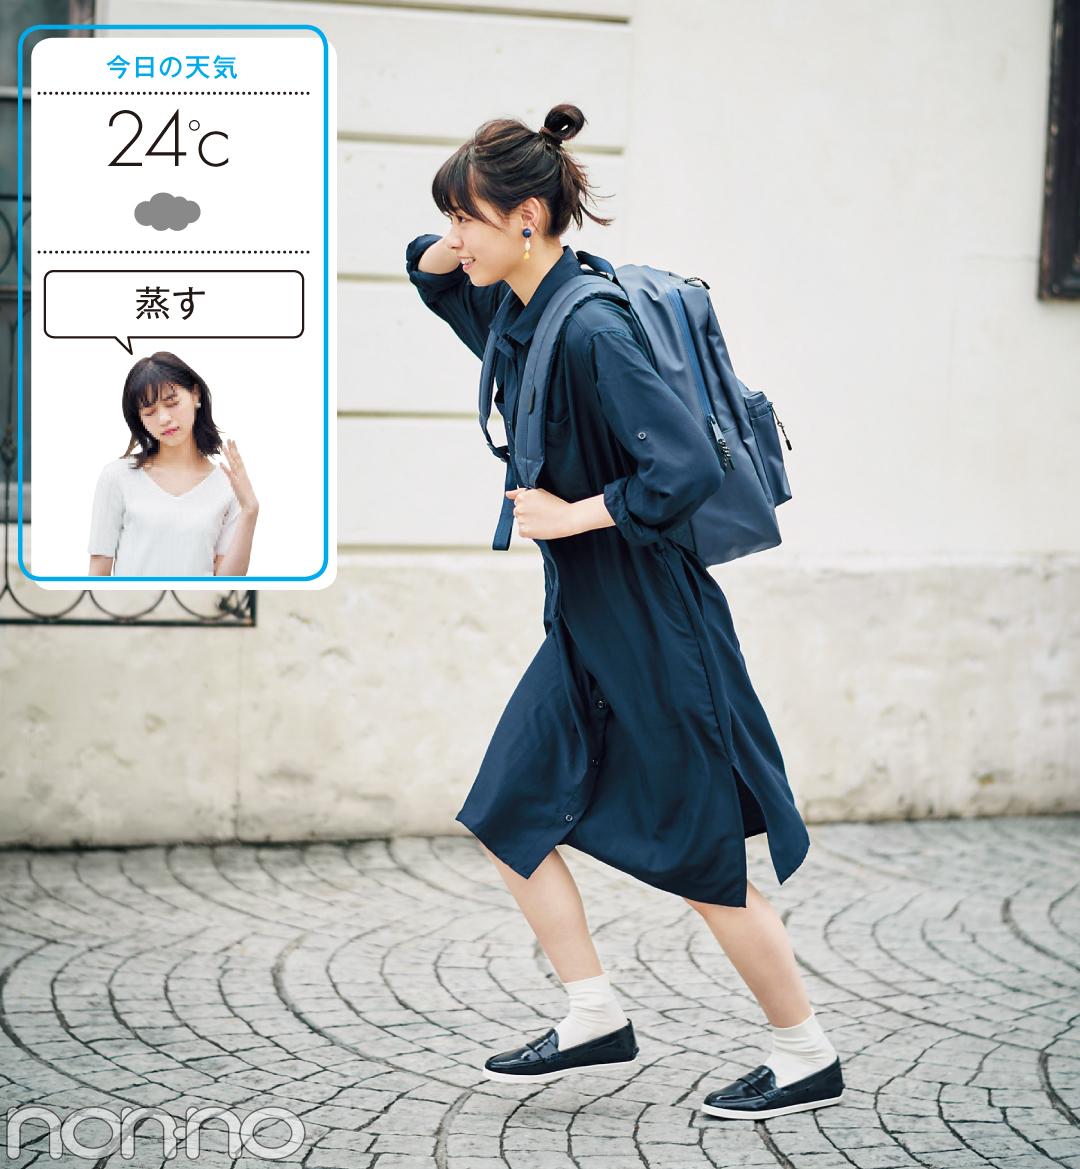 梅雨に負けない☆七瀬のお天気対応着回し_1_3